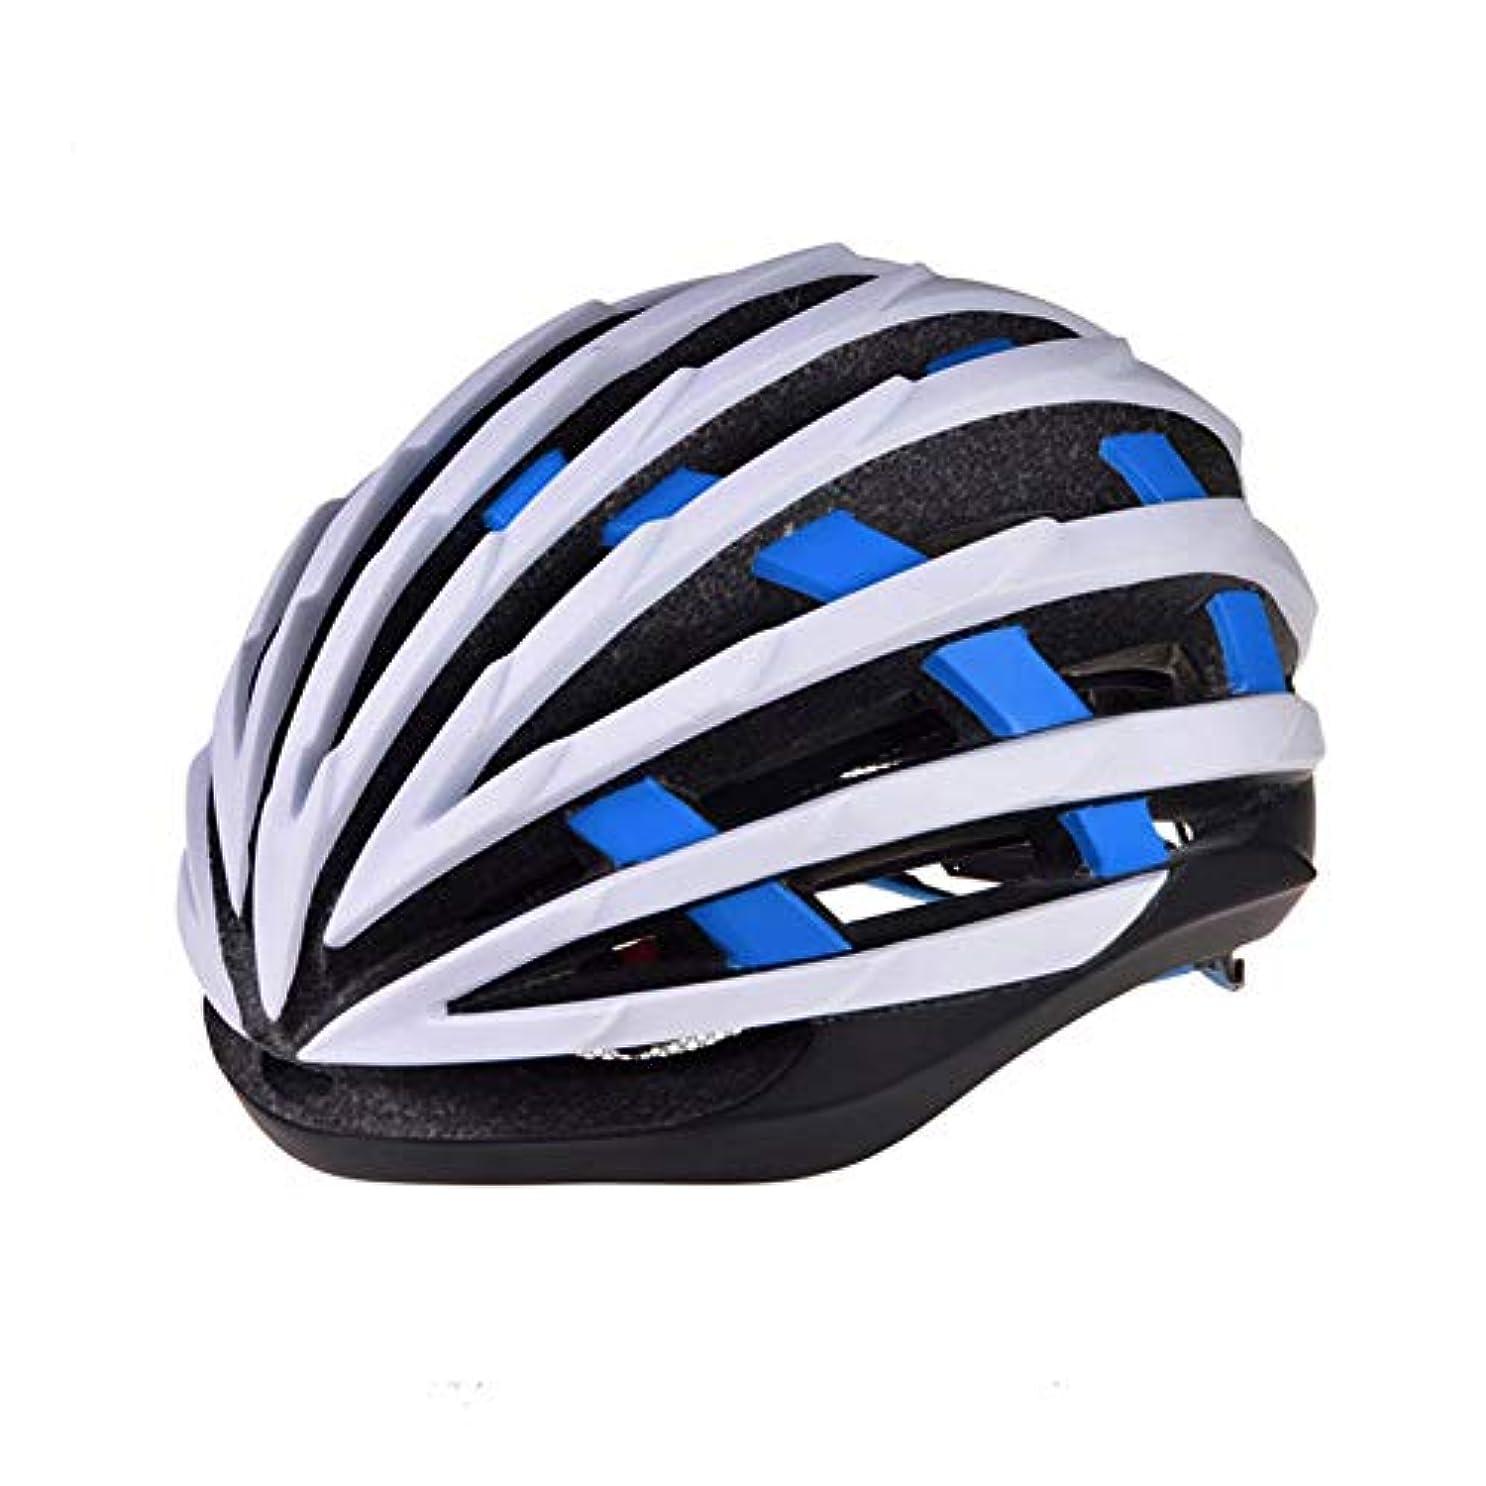 専門化するコンパスアマチュア自転車用ヘルメット 一体に形成されたタイプの調節可能頭囲自転車の安全装置の帽子の男性と女性、 衝突防止ダンピングマウンテンバイク用ヘルメット